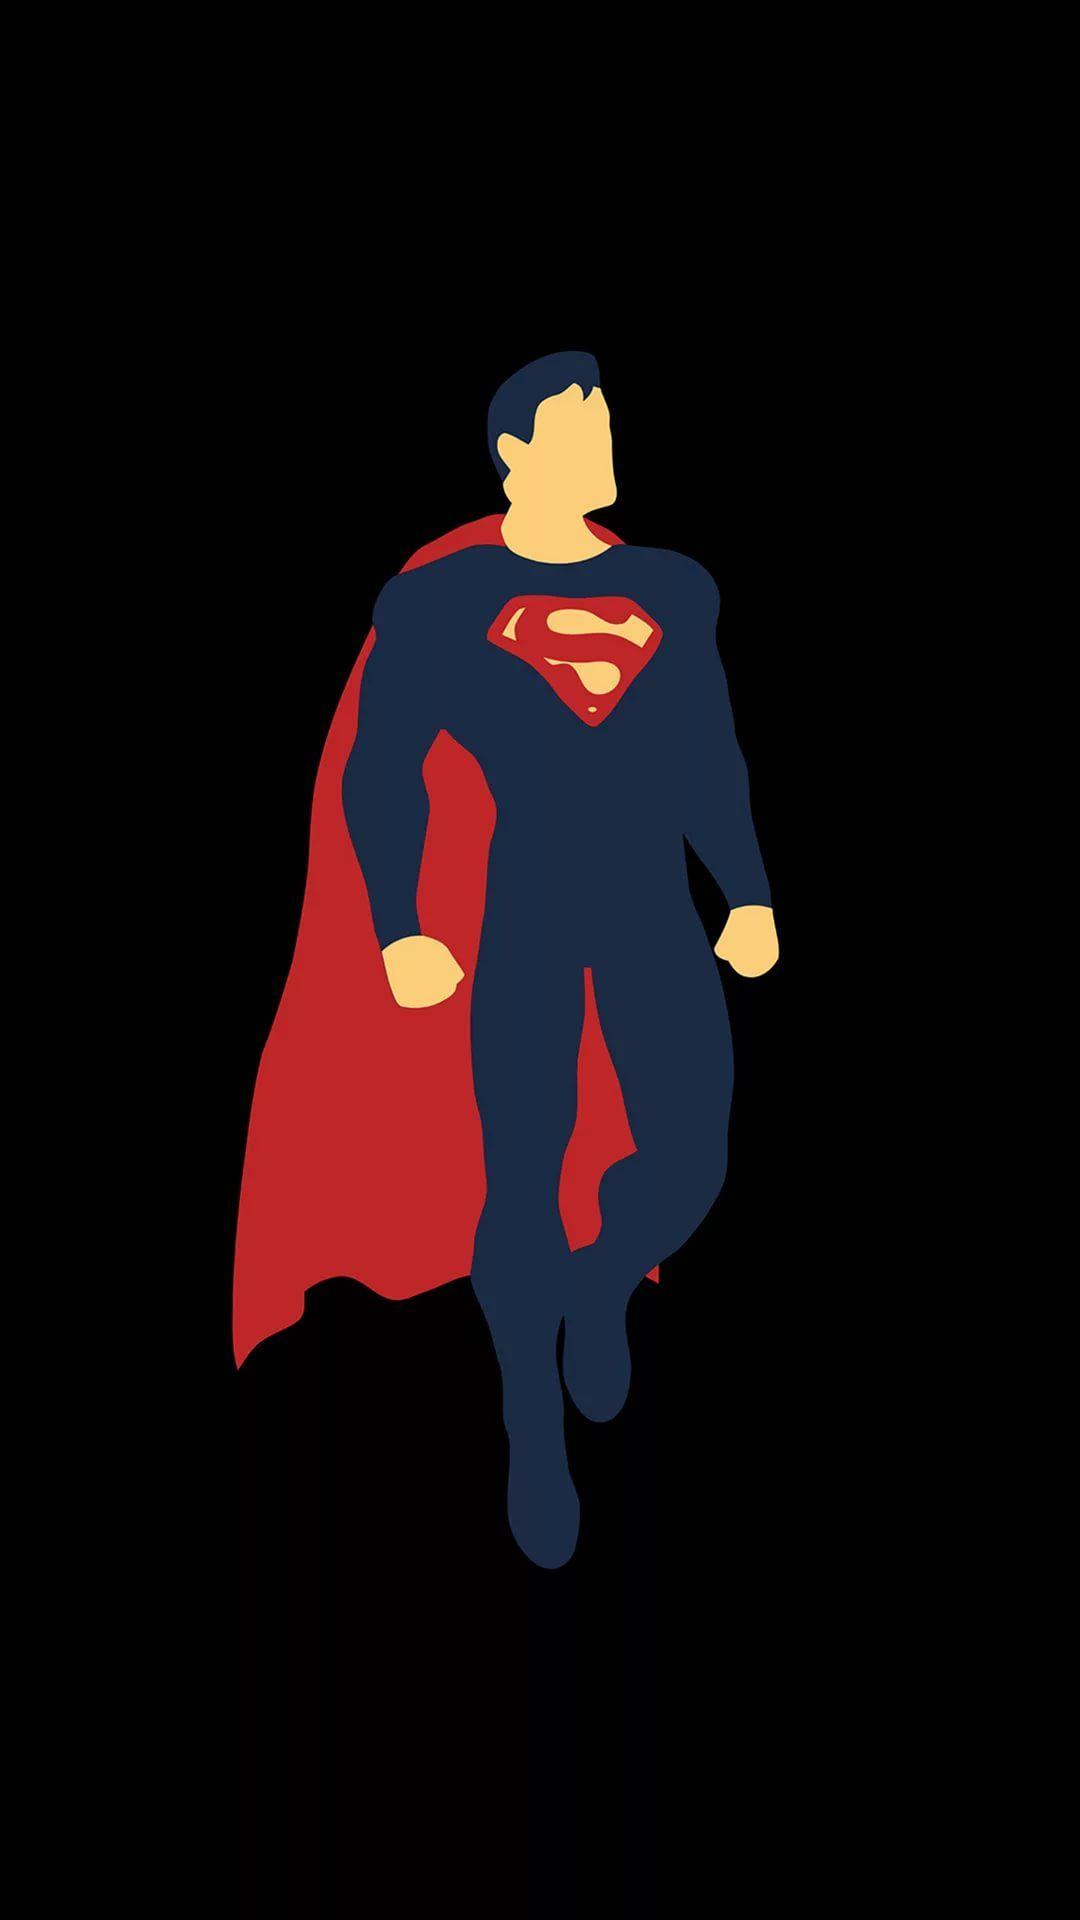 Superman color wallpaper